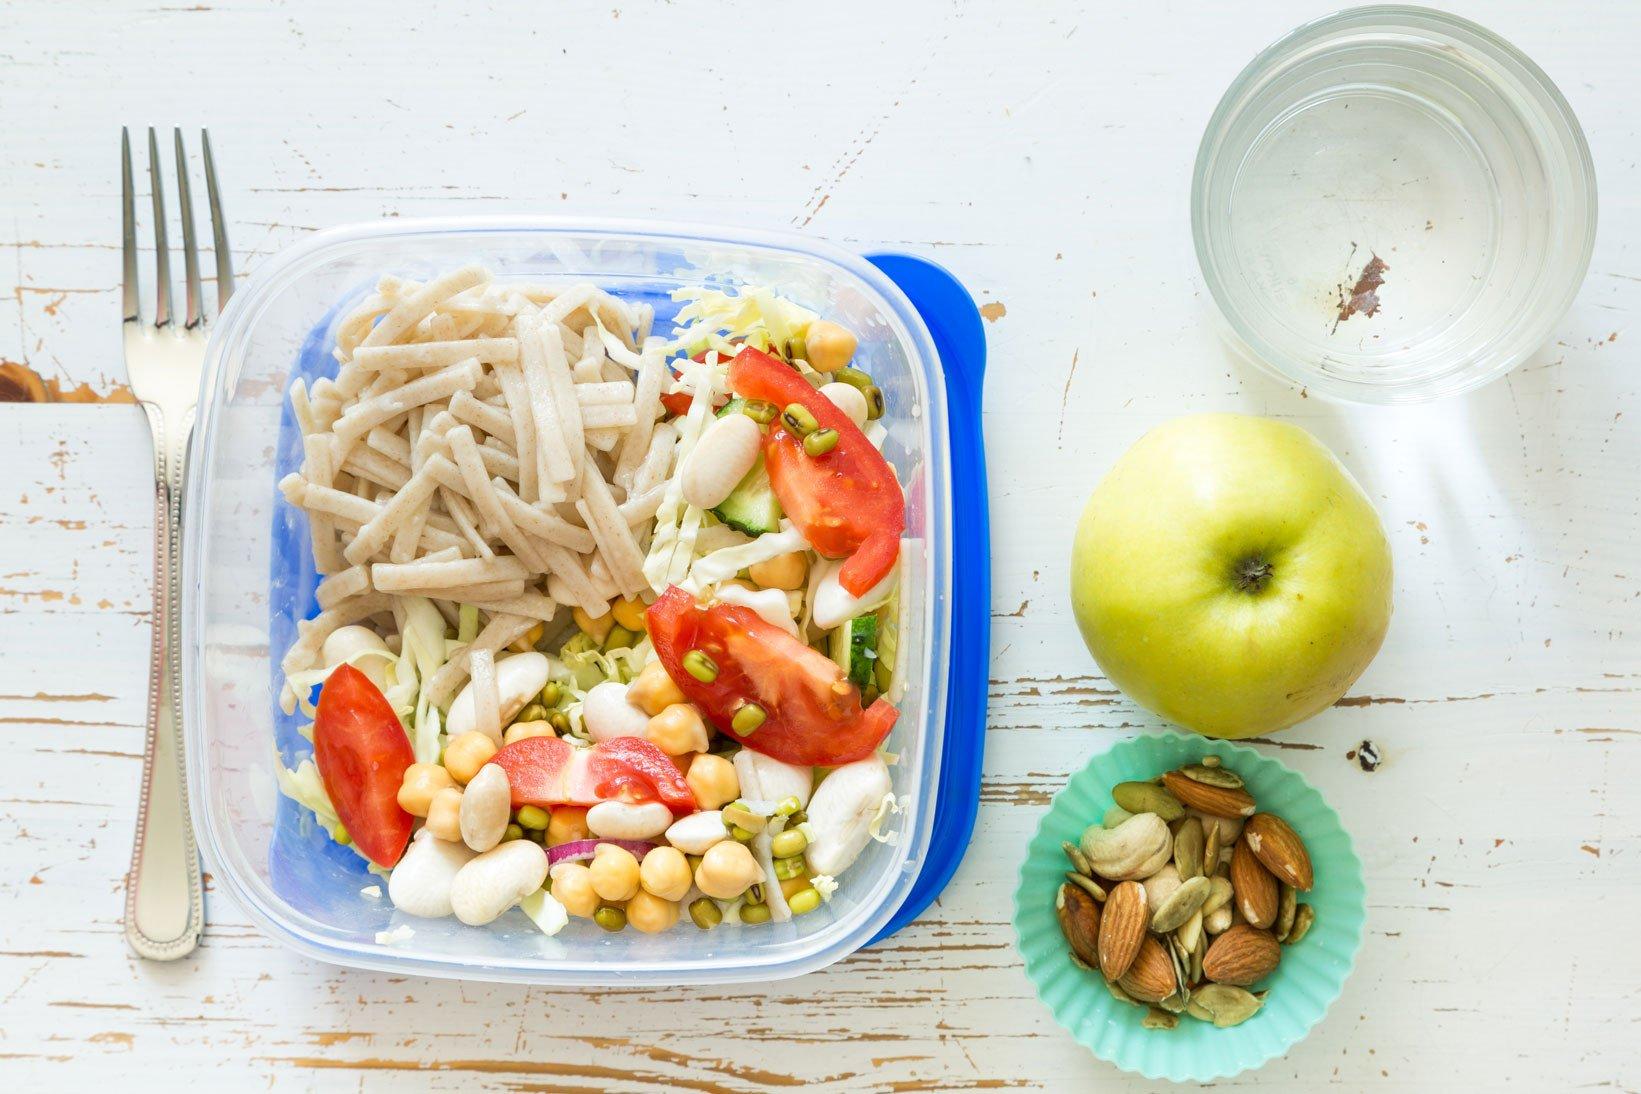 تغذیه در ماه دوم بارداری | دوران بارداری